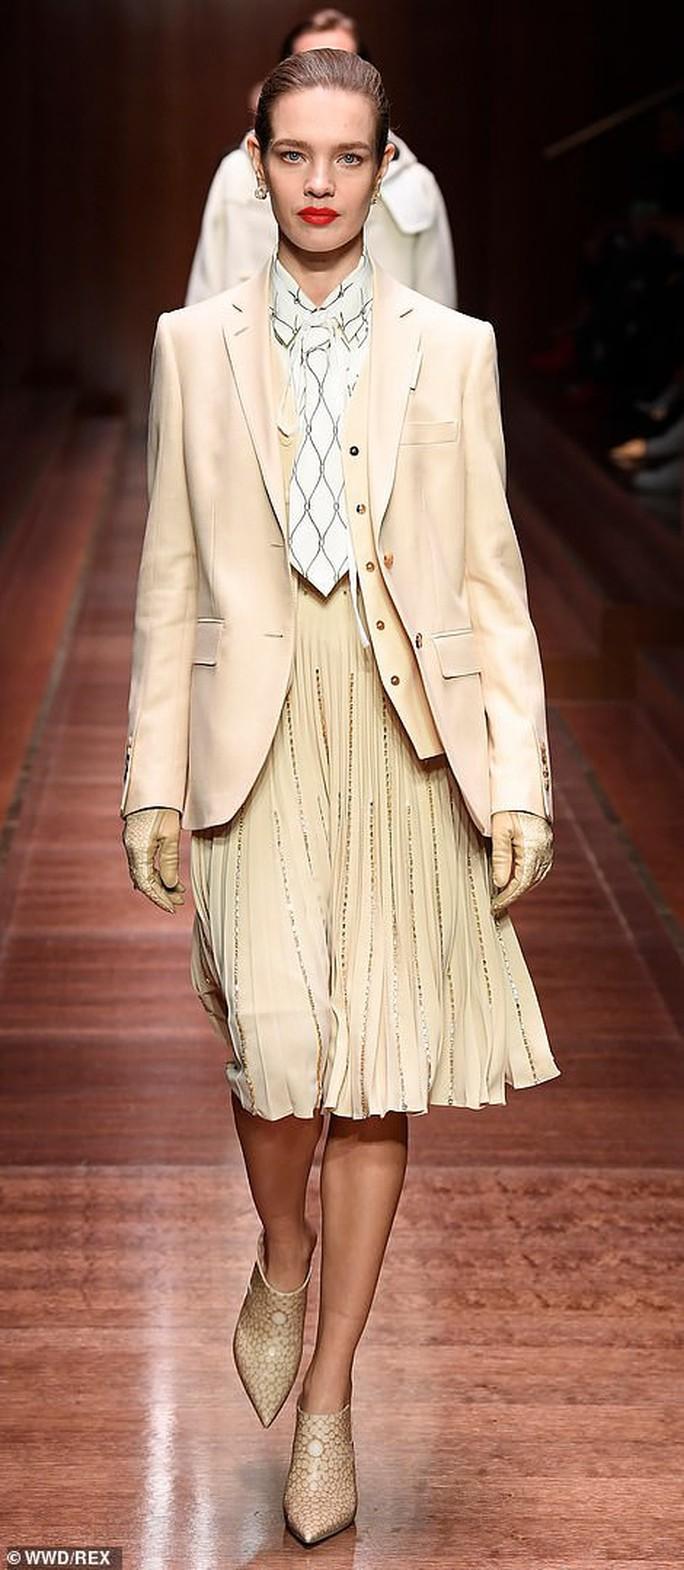 Siêu mẫu Gigi Hadid với kiểu tóc lạ trên sàn diễn London - Ảnh 6.